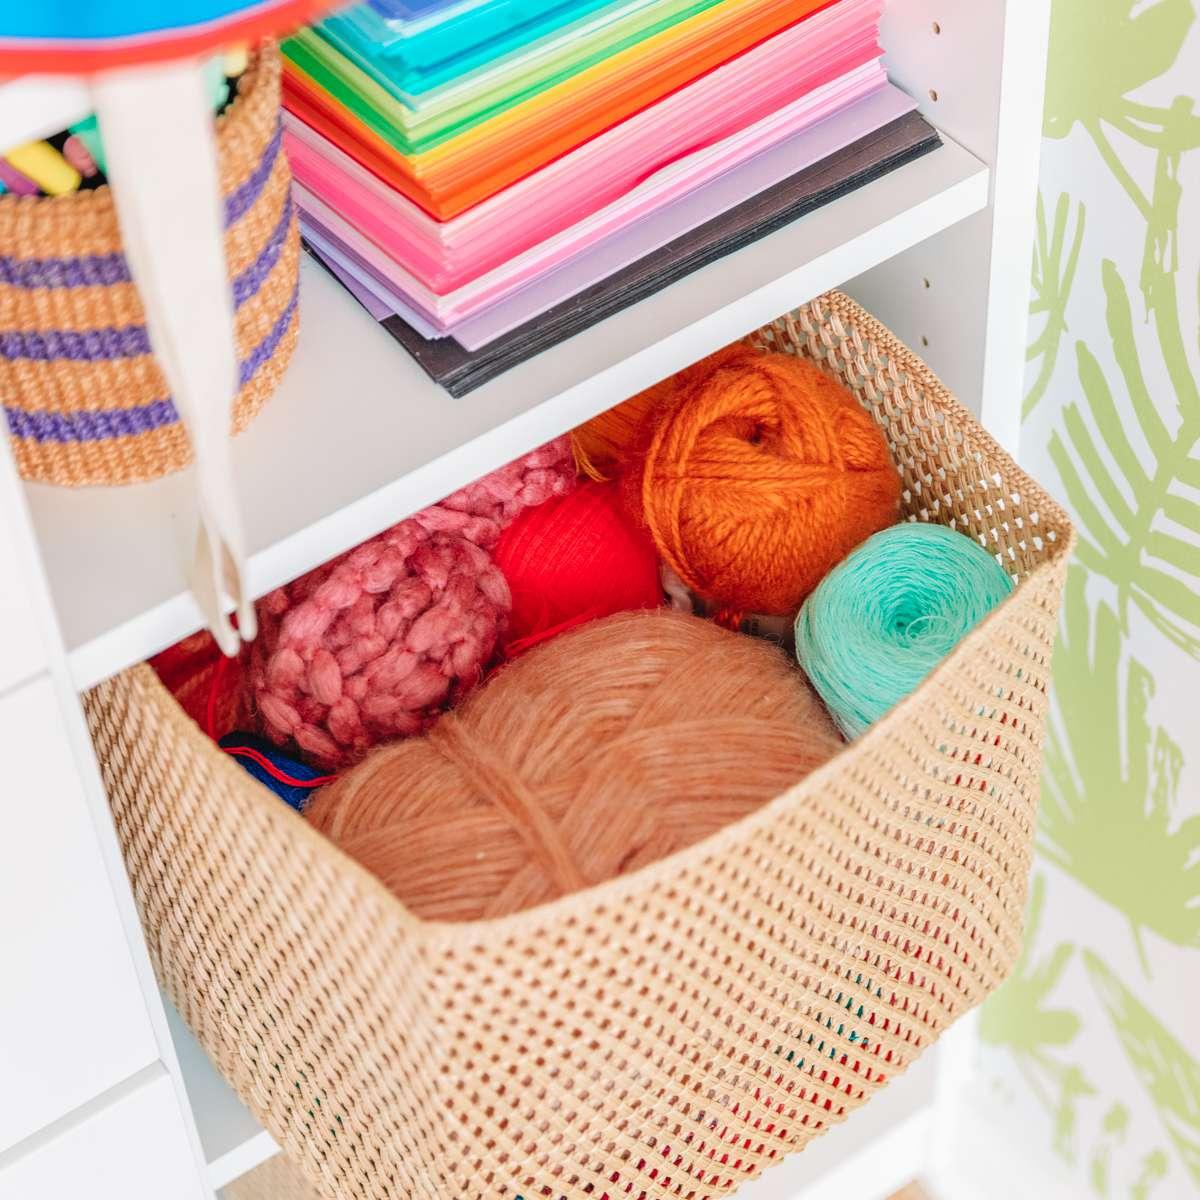 yarn stored in wicker basket